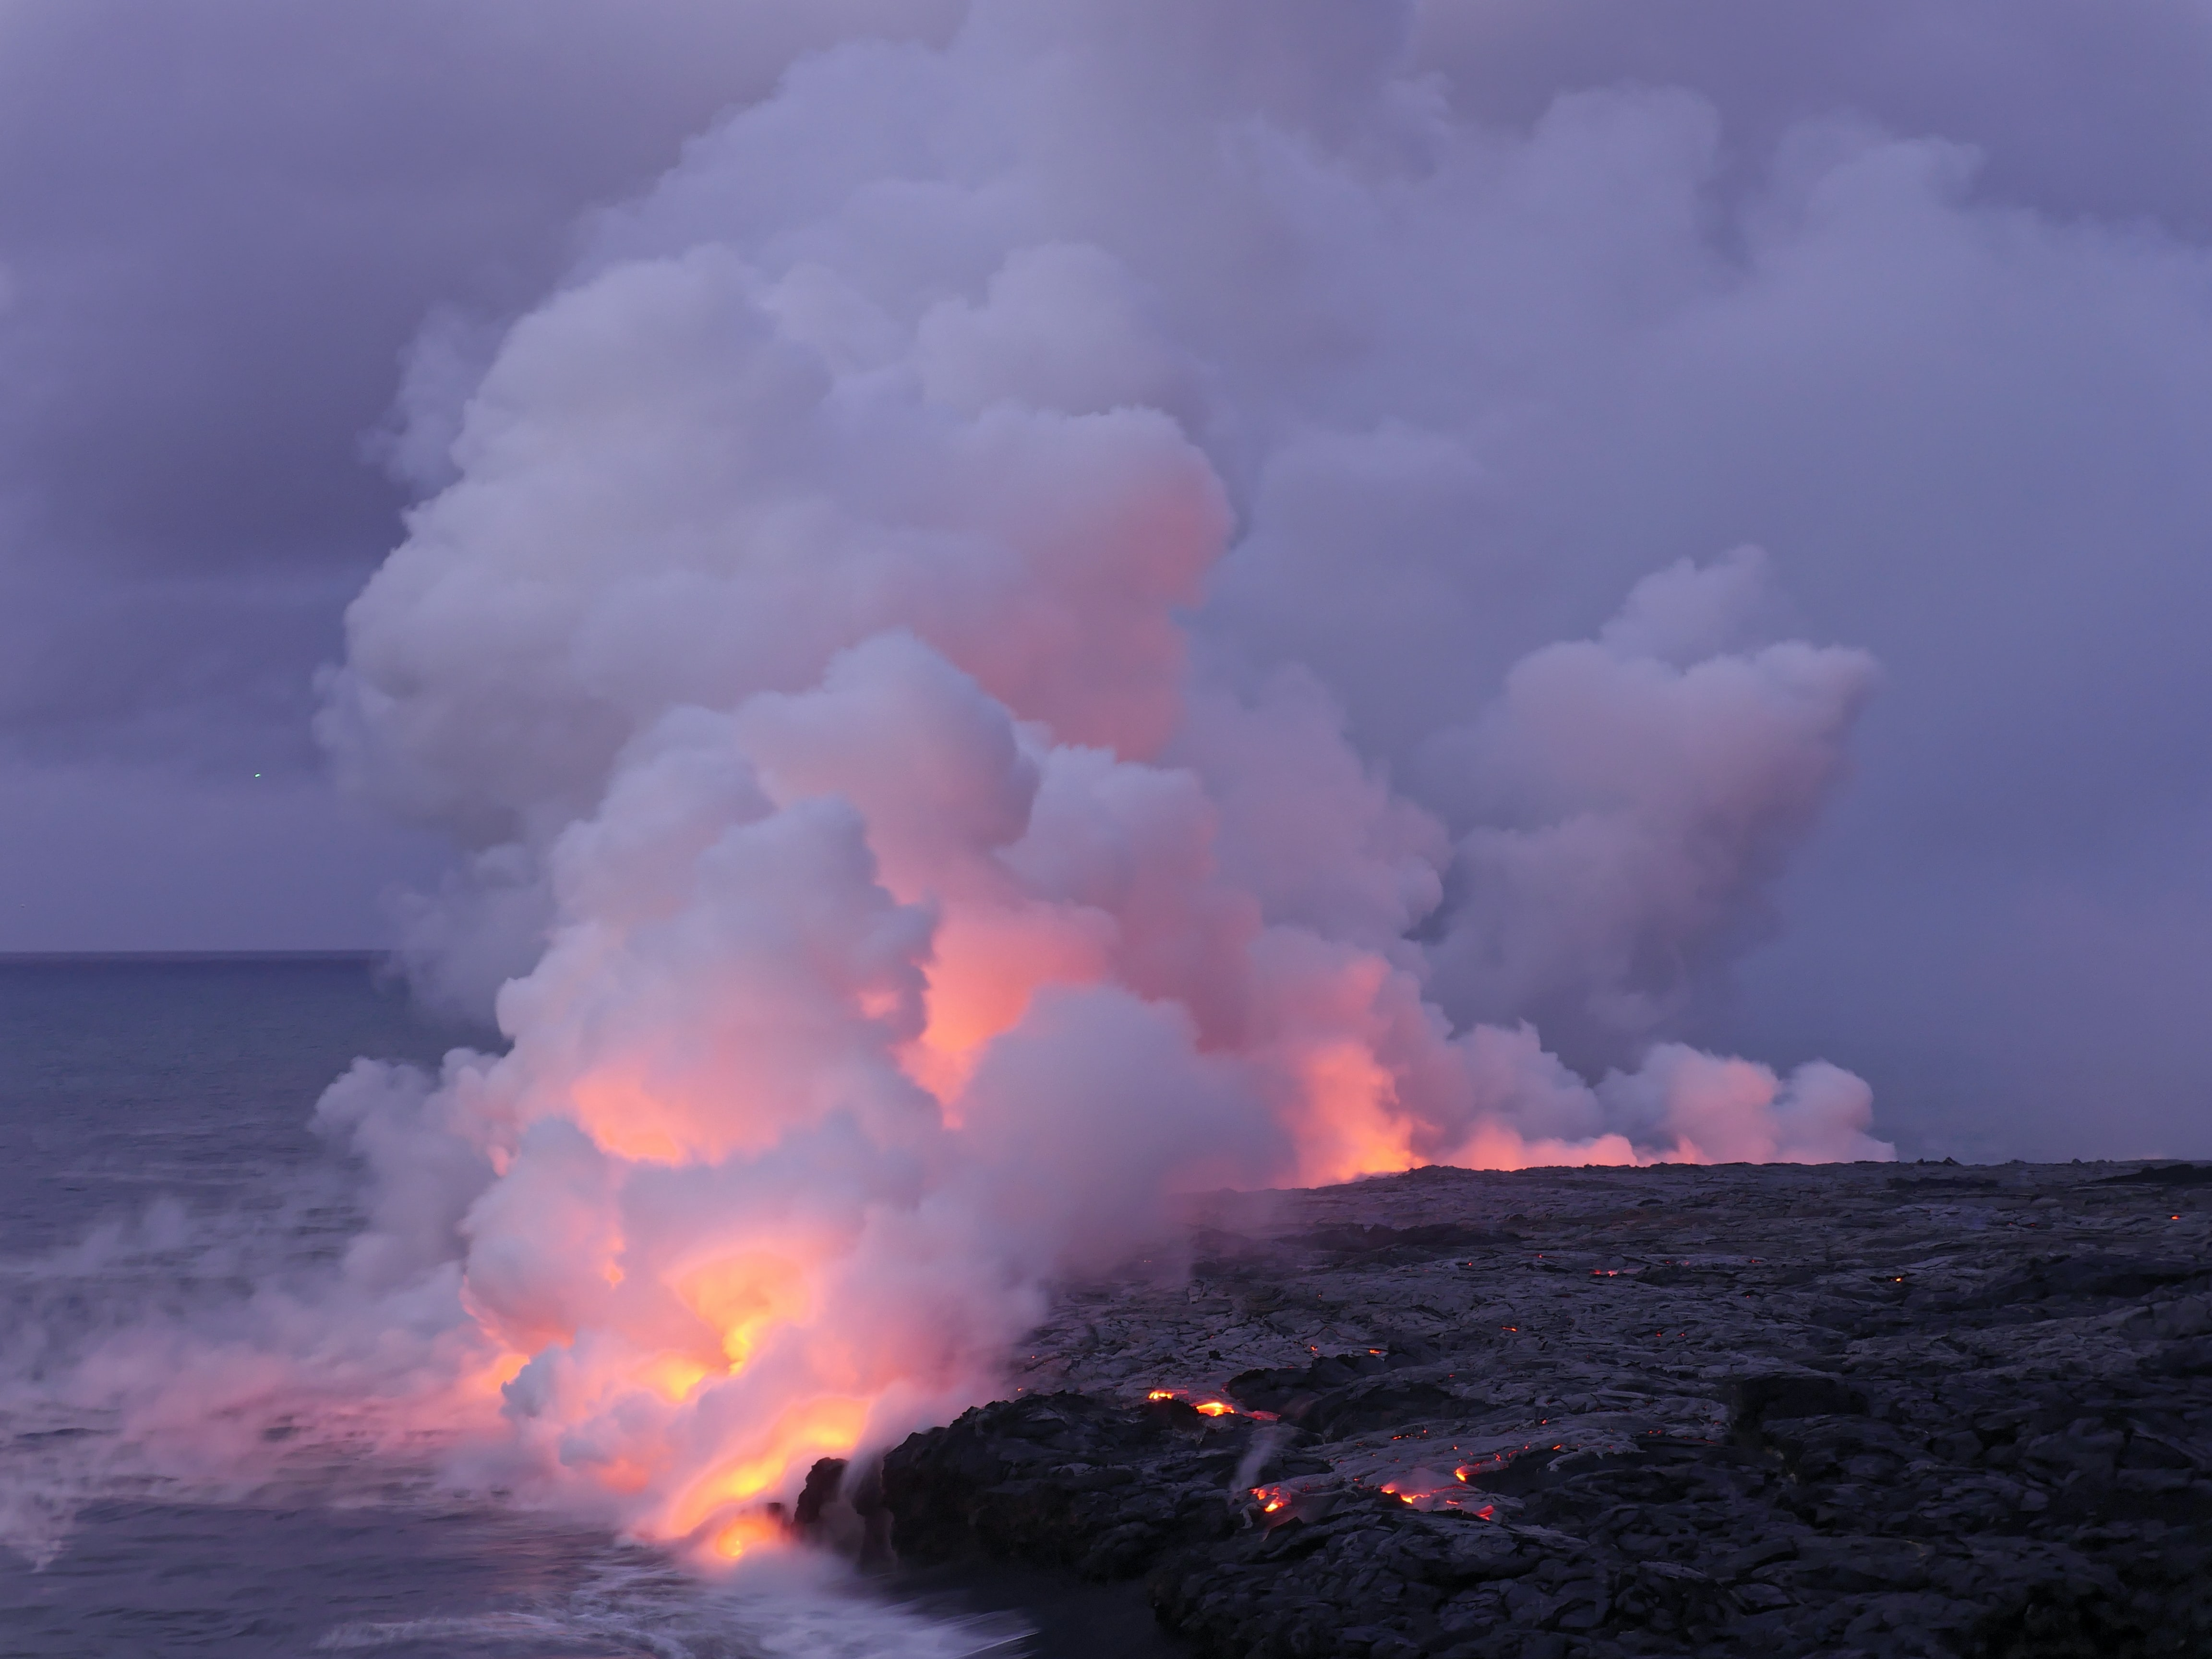 hill burned near ocean under white sky